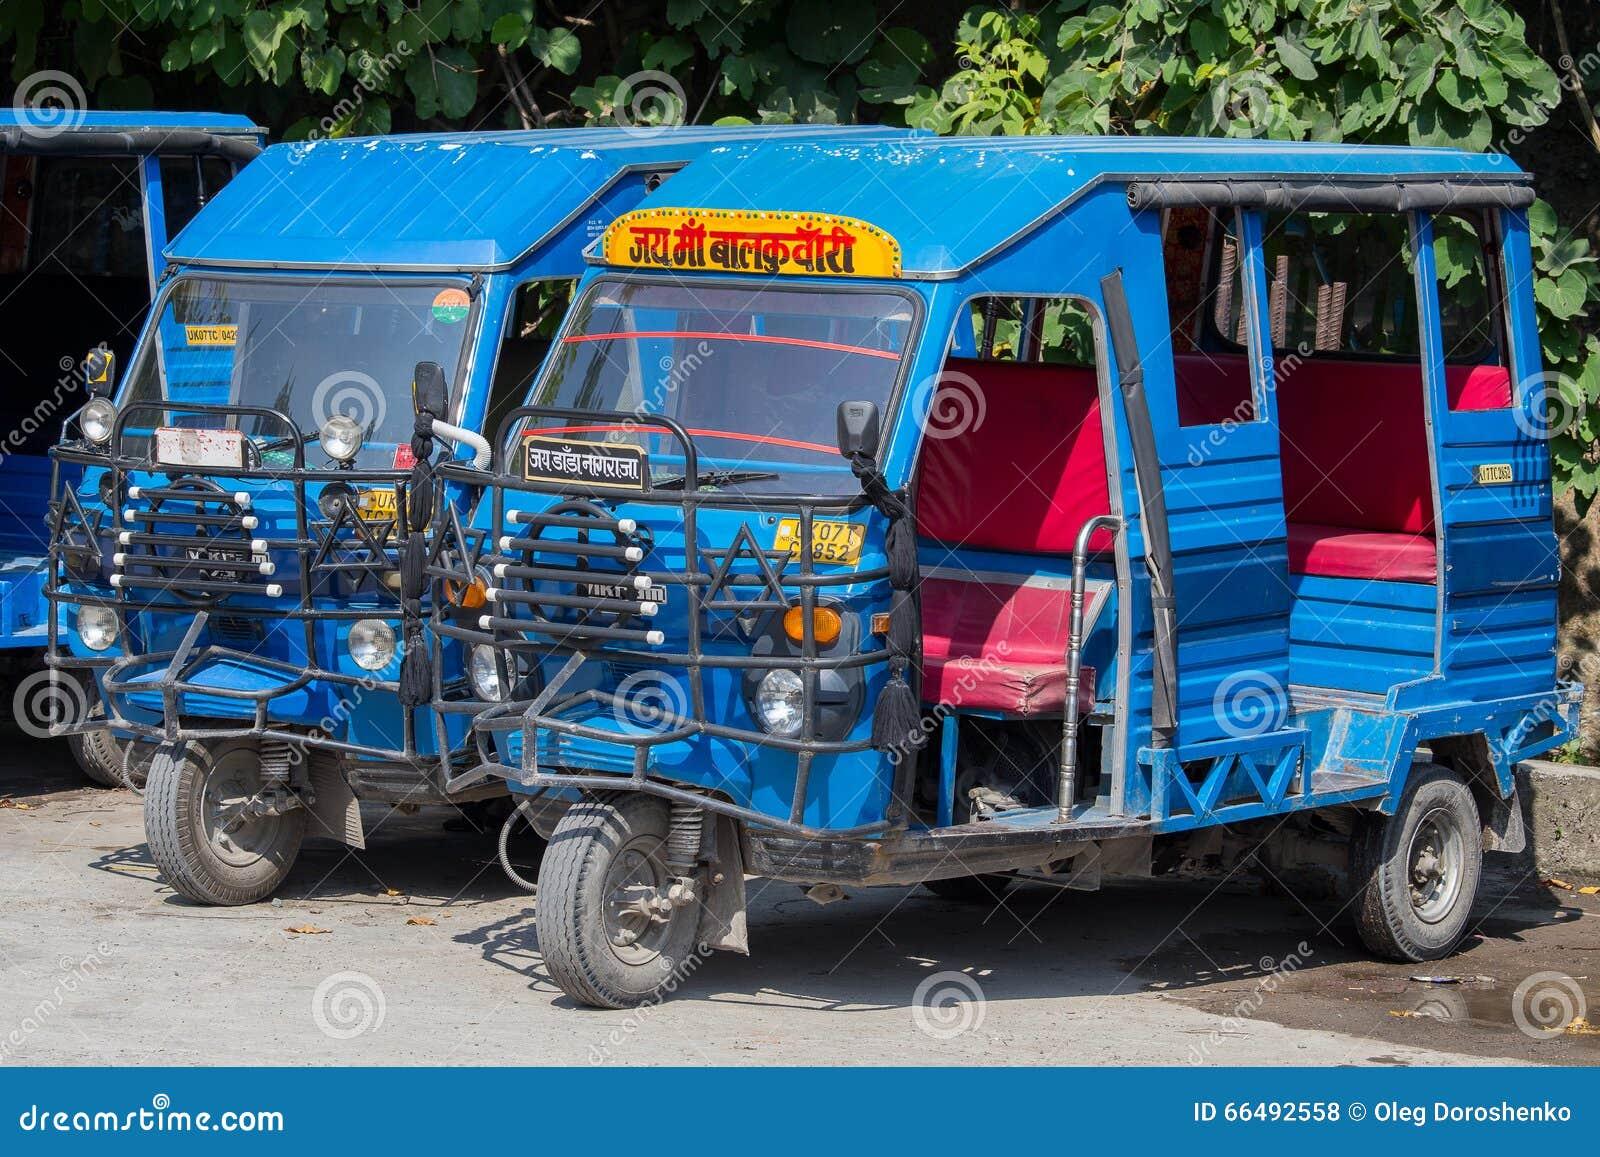 Auto riksza taxi na drodze indu schody rishikesh indyjska świątyni